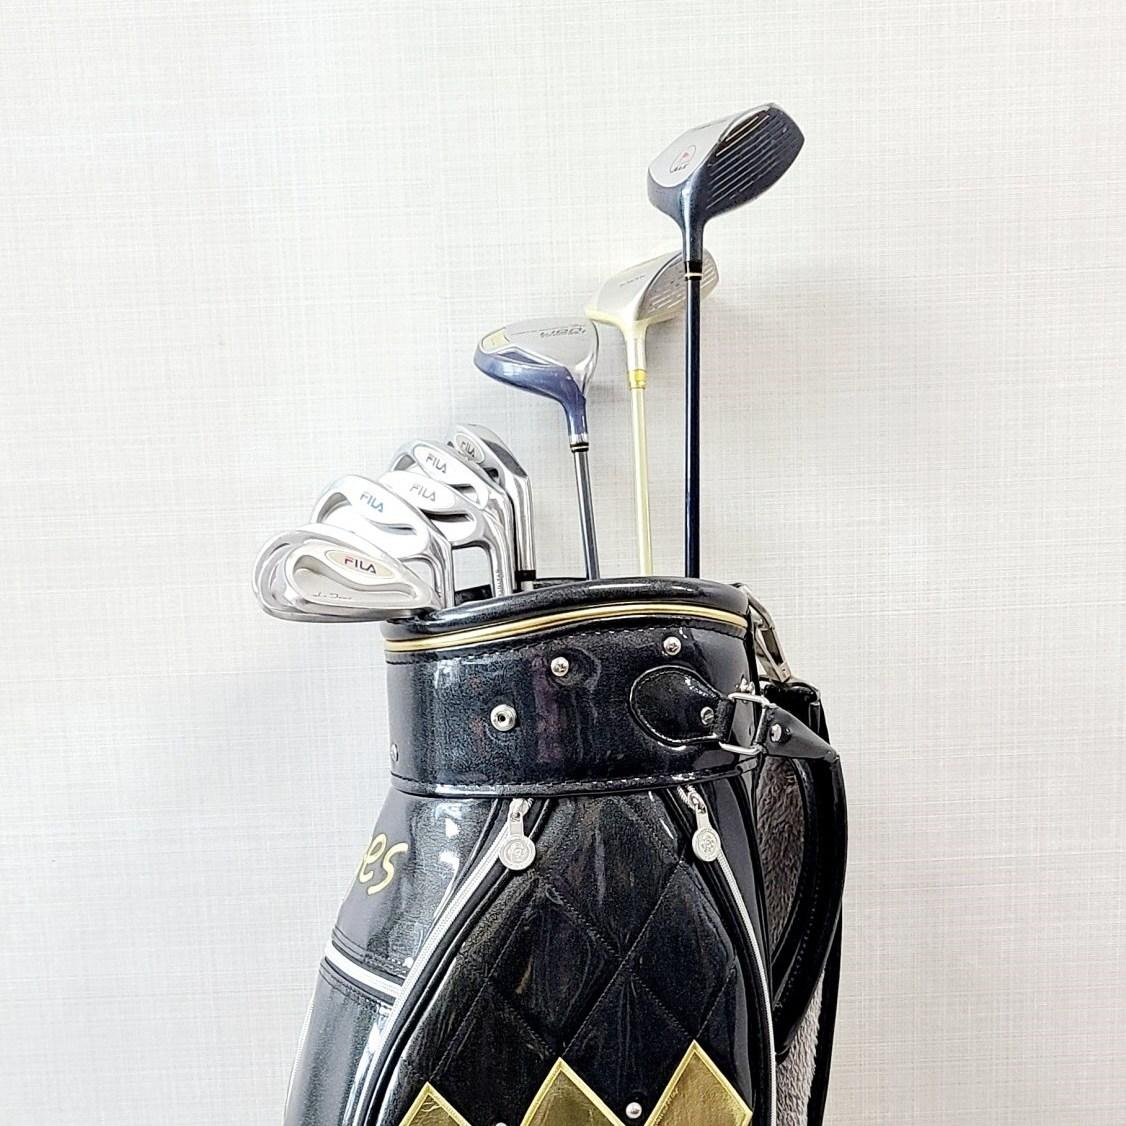 여성골프채 풀세트 - 여성용 휠라 골프클럽 풀셋트